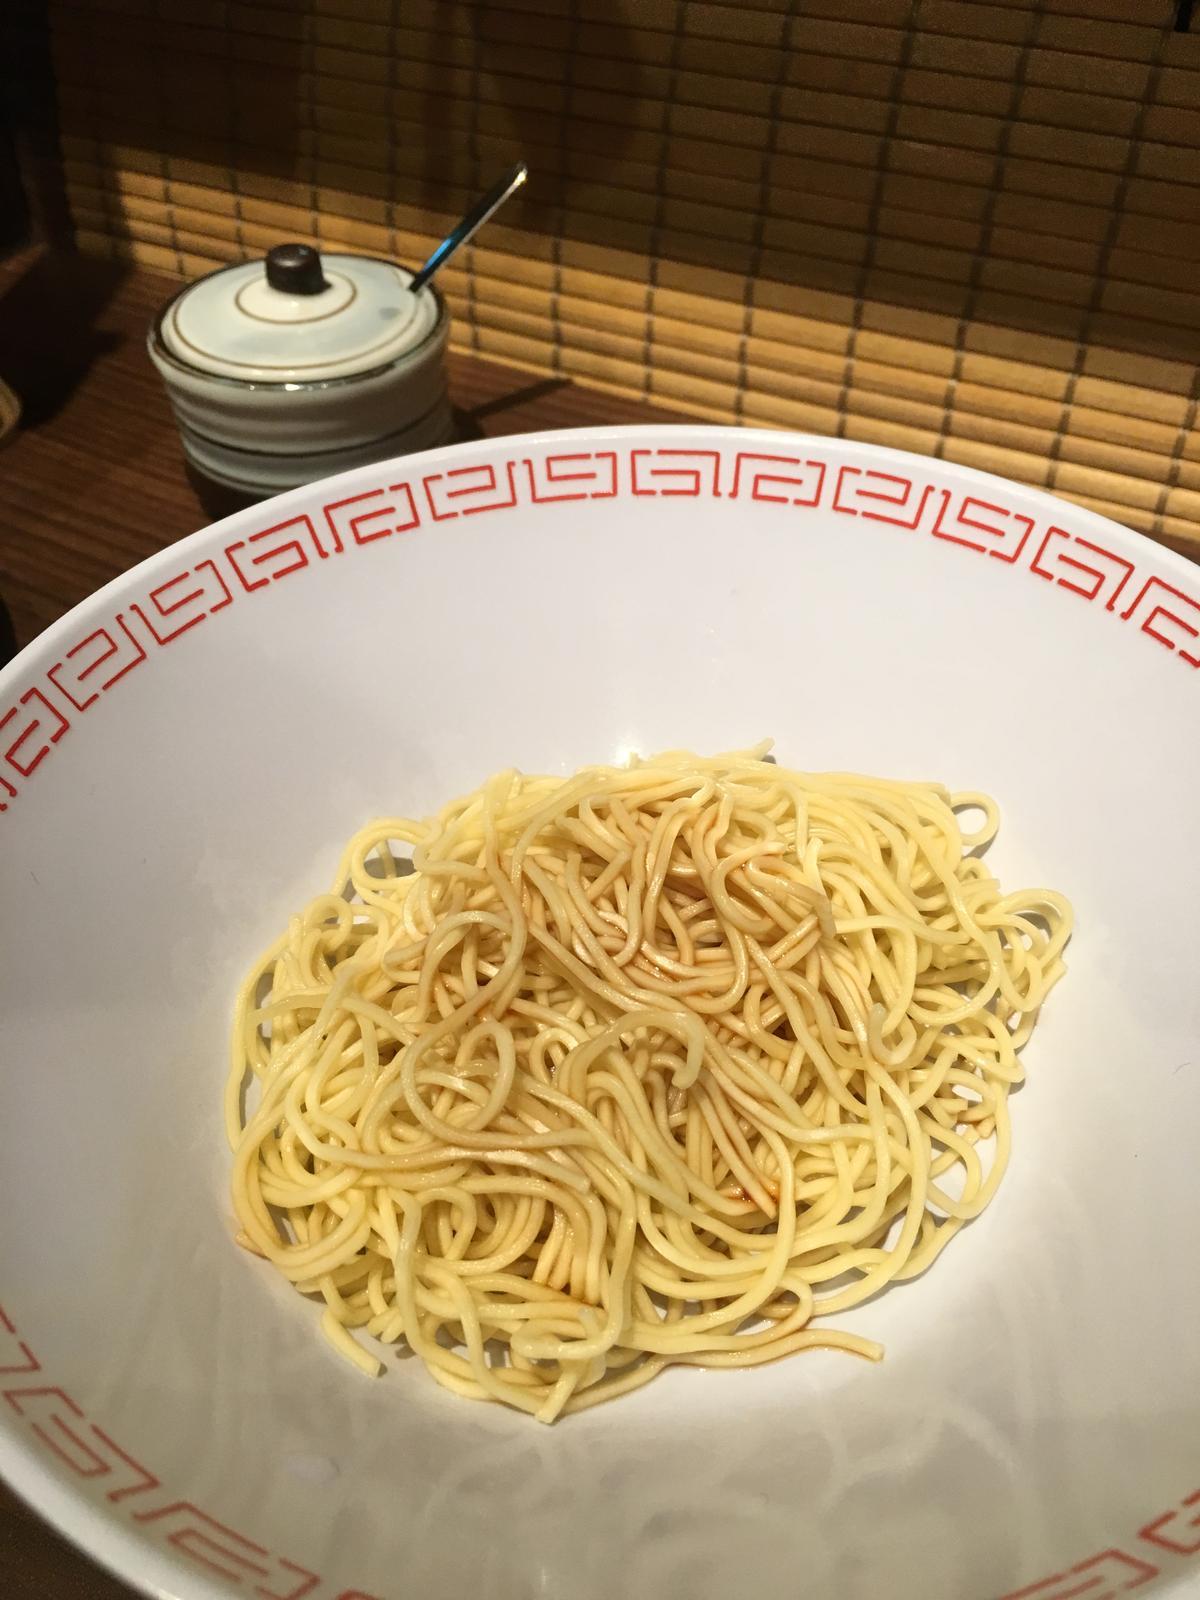 享用加麵時,可以先舀少許湯汁拌勻,品嘗原味麵條的香氣和勁度。